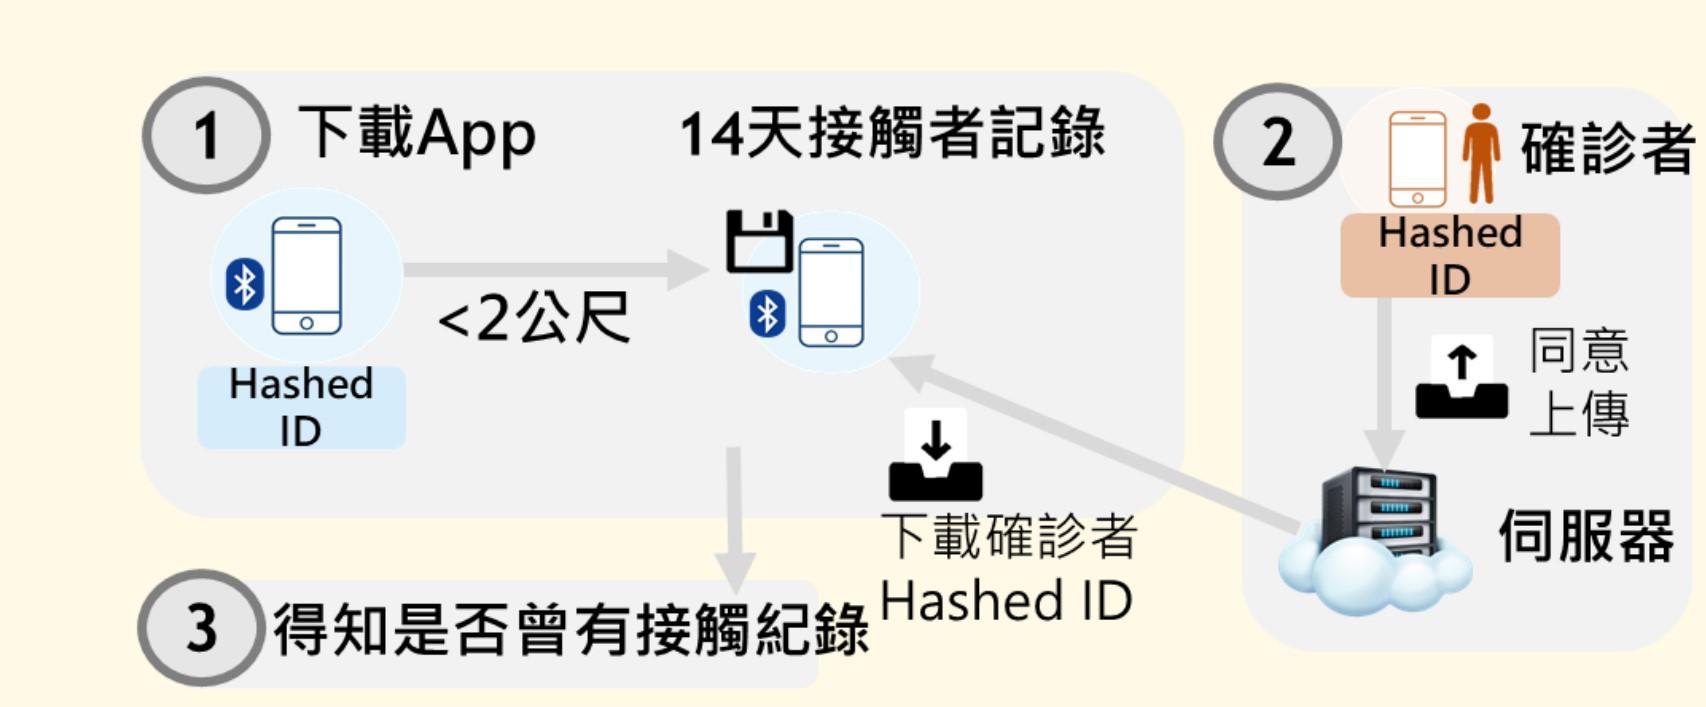 台灣社交距離 懶人包